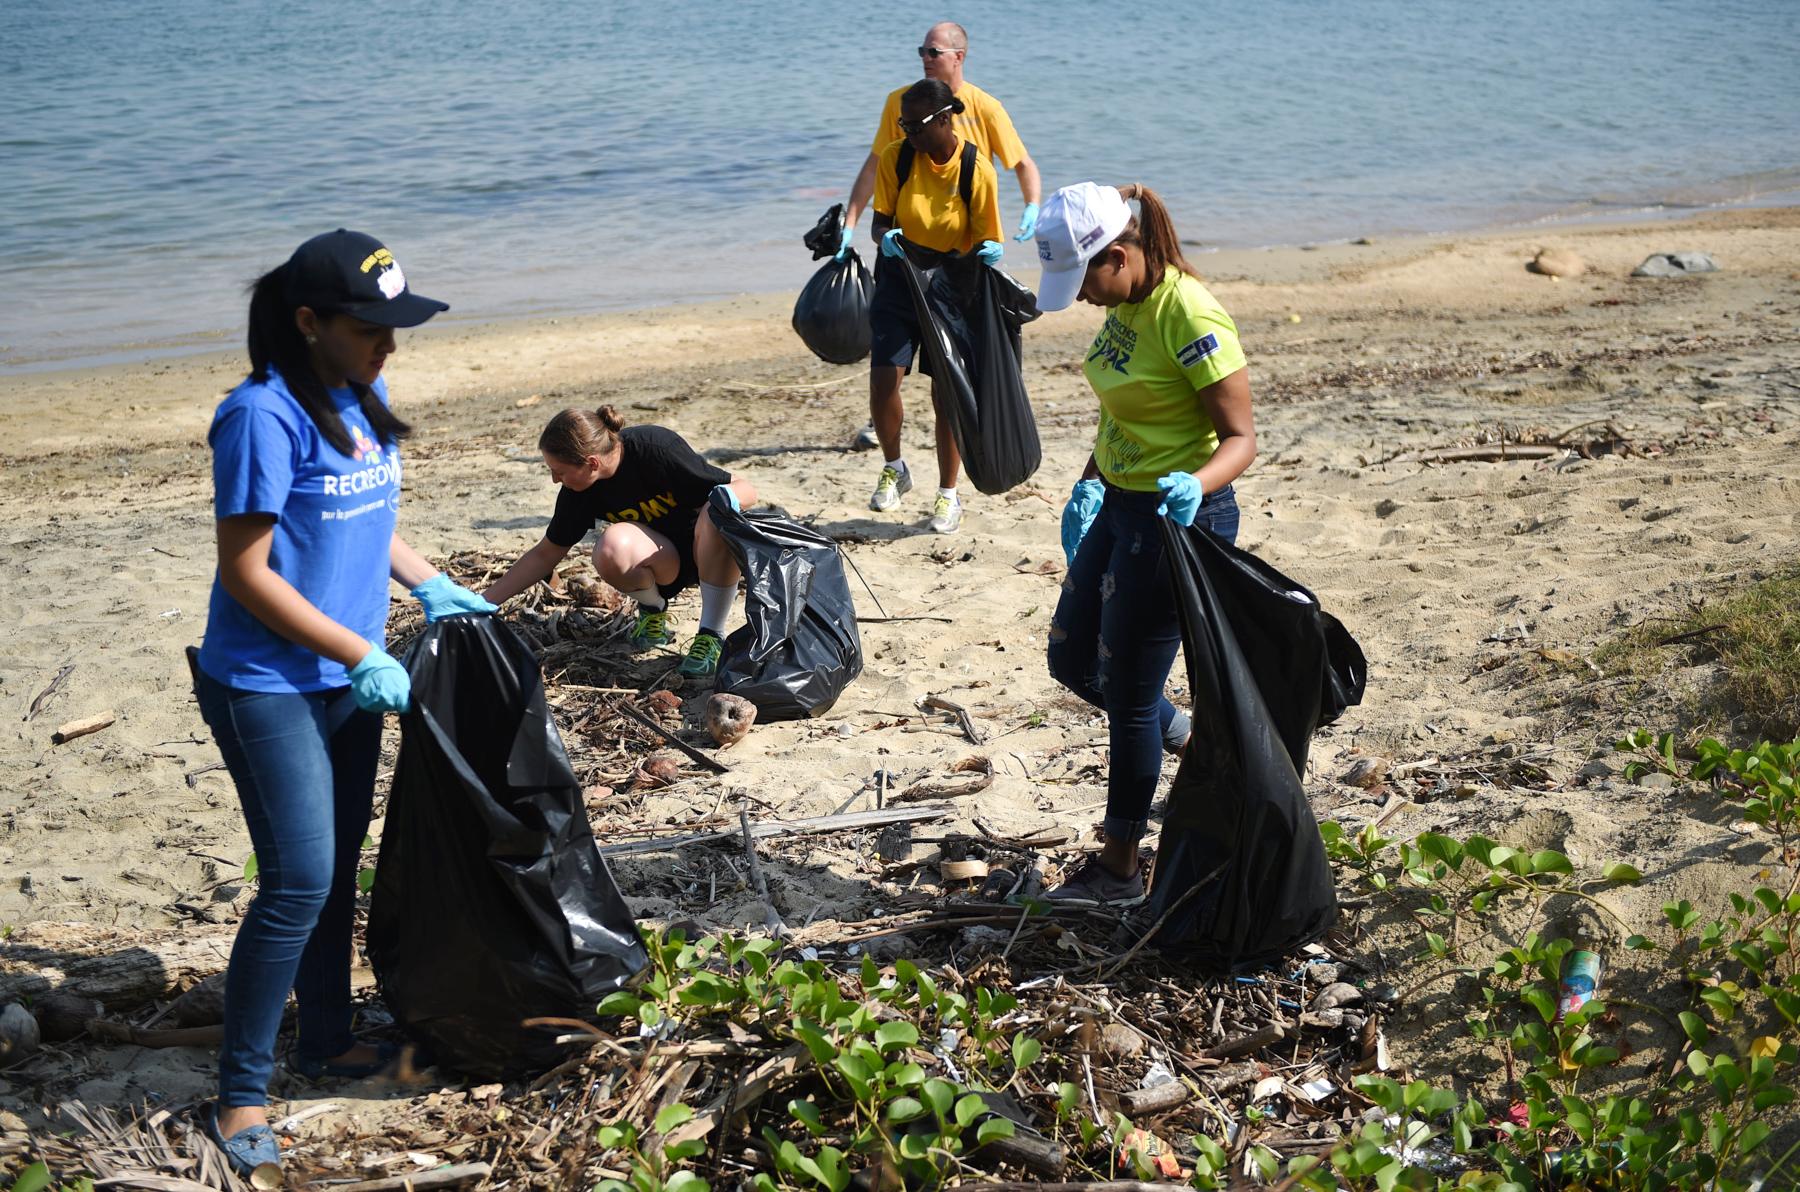 Personas recogen basura en la playa (U.S. Navy/Shamira Purifoy)